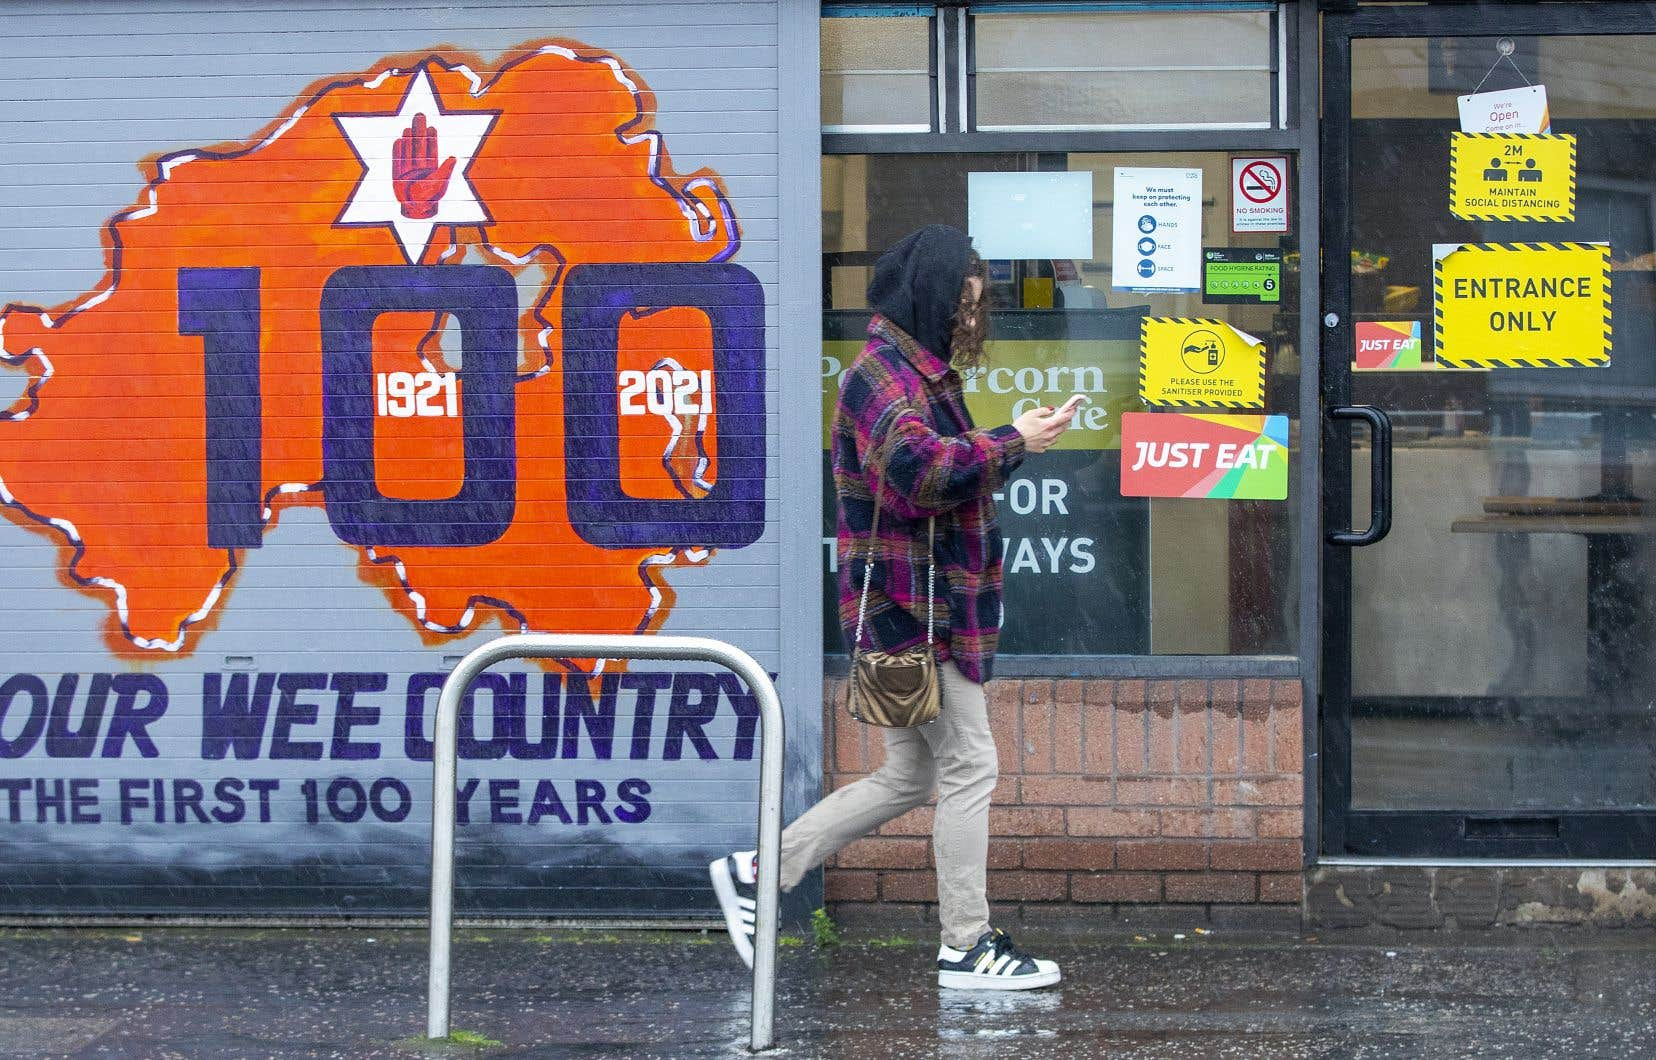 Selon un sondage publié ce week-end dans la presse locale, 90% des unionistes et loyalistes craignent que la perspective de l'unification de l'Irlande n'entraîne un retour des violences en Irlande du Nord.